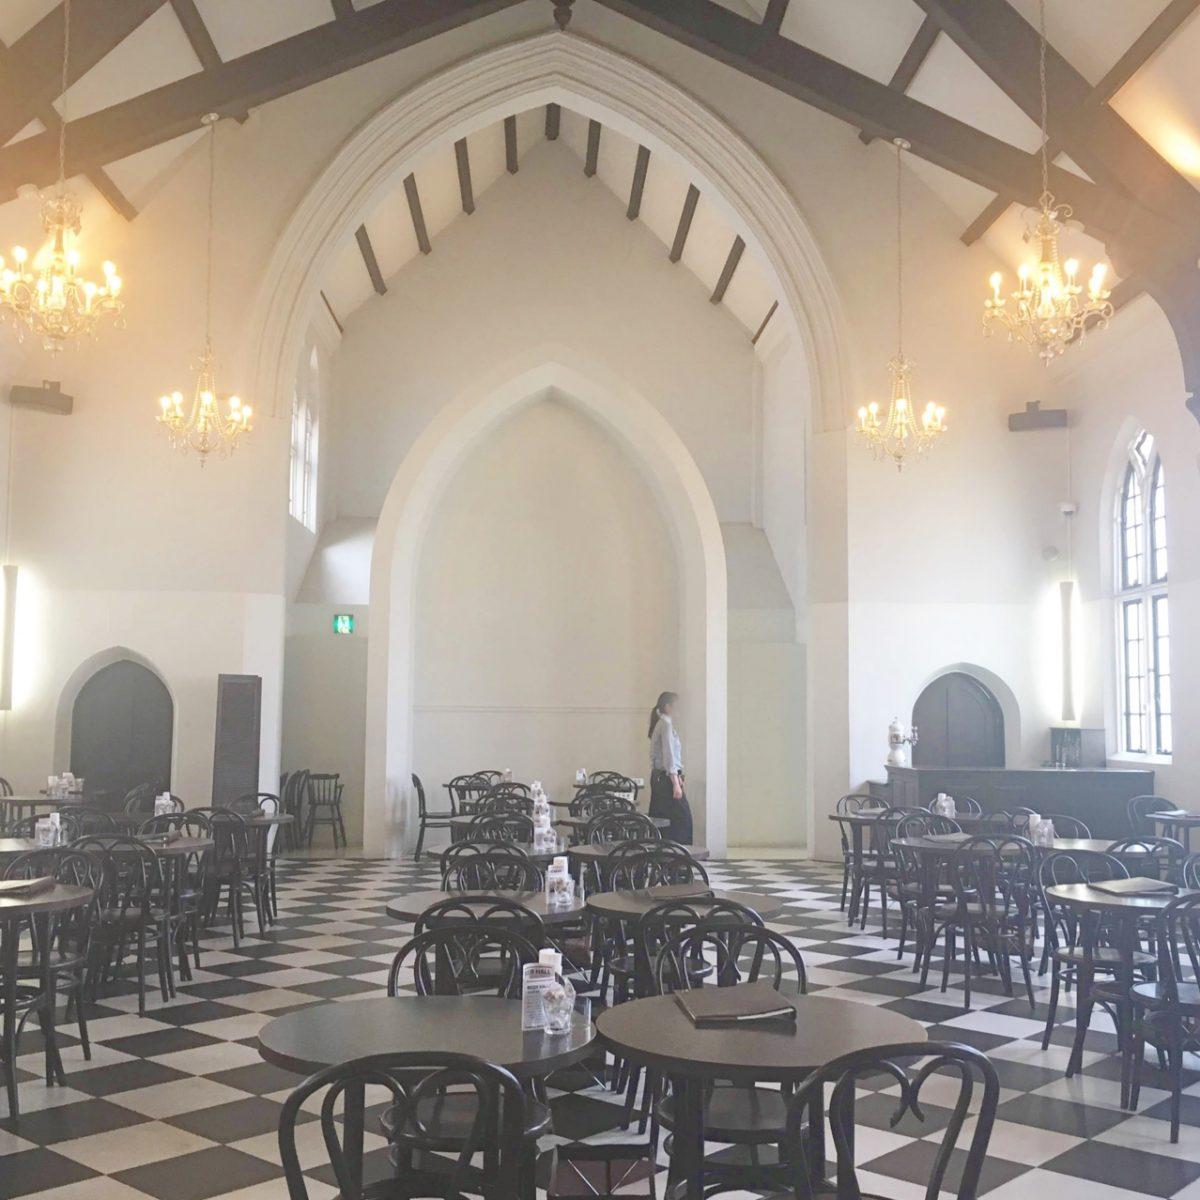 神戸発!教会でおいしいパンやサンドイッチが食べれるおしゃれカフェ『フロインドリーブ』